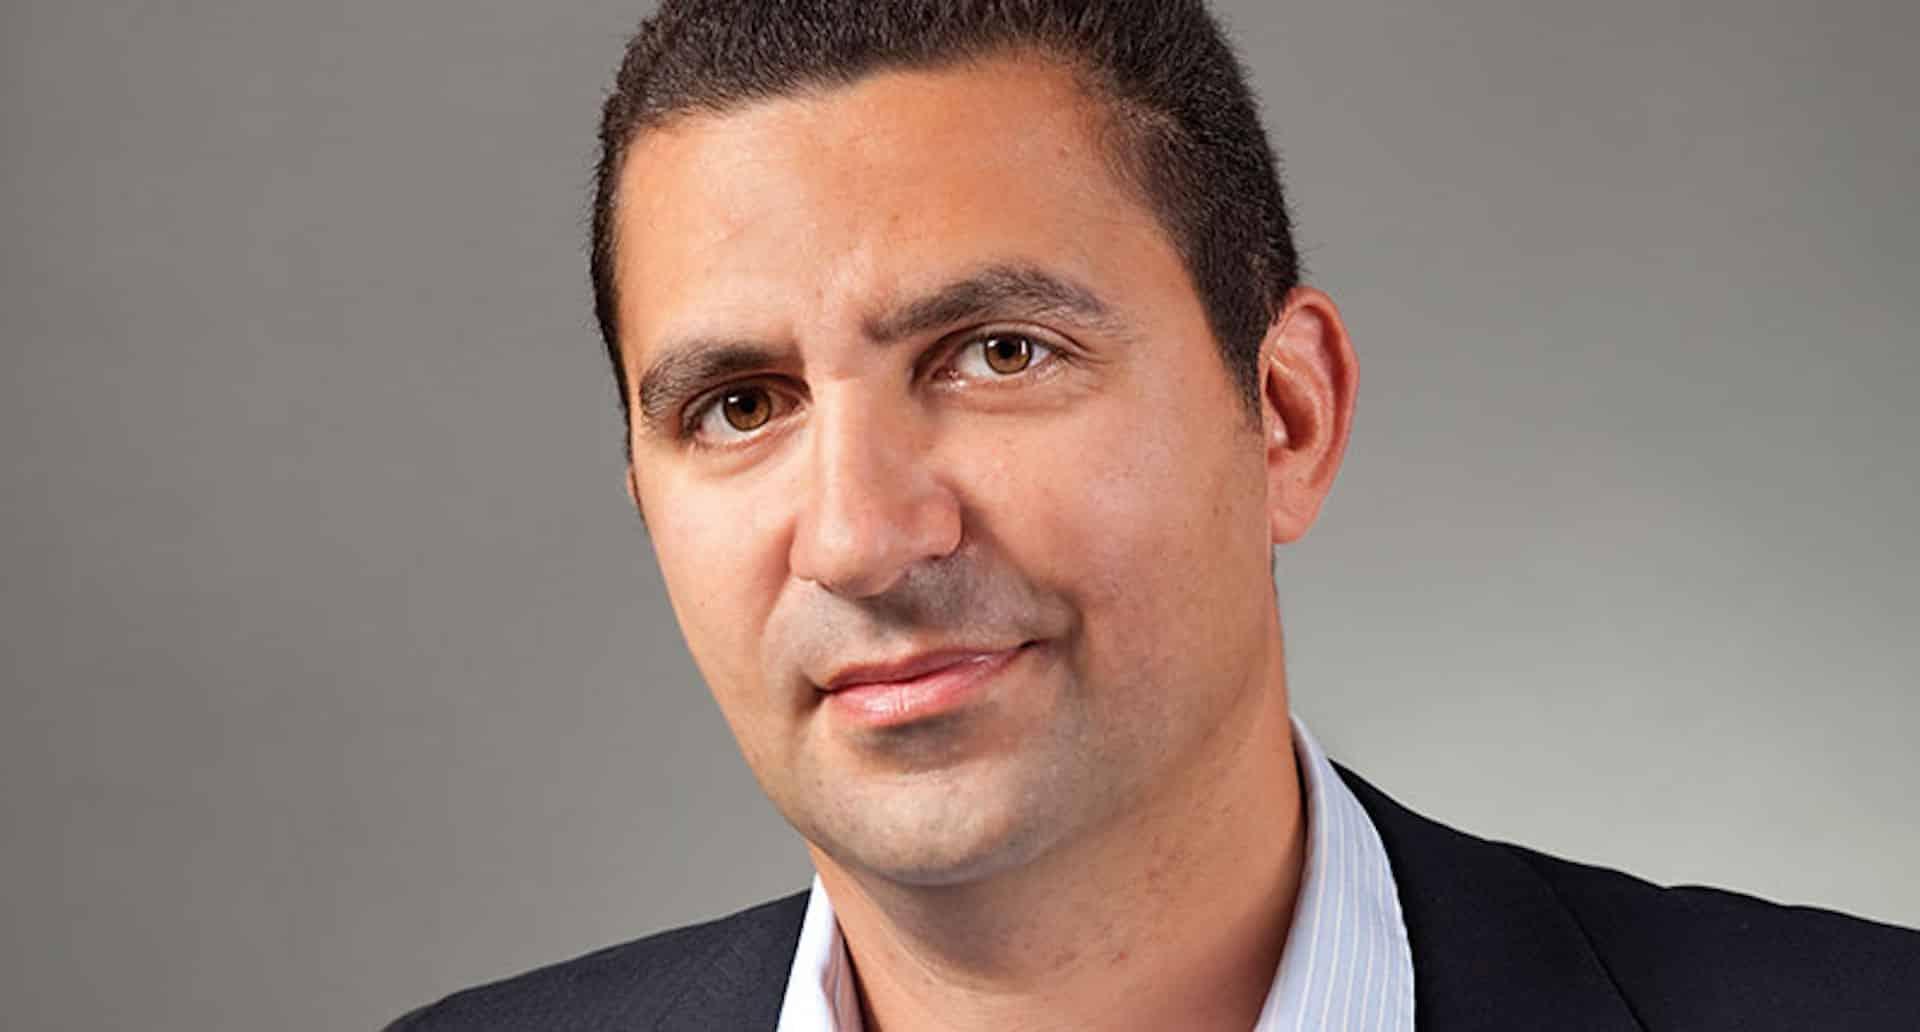 Nadi Bou Hanna, directeur interministériel du numérique de l'État, interdit aux agents publics d'utiliser Microsoft 365